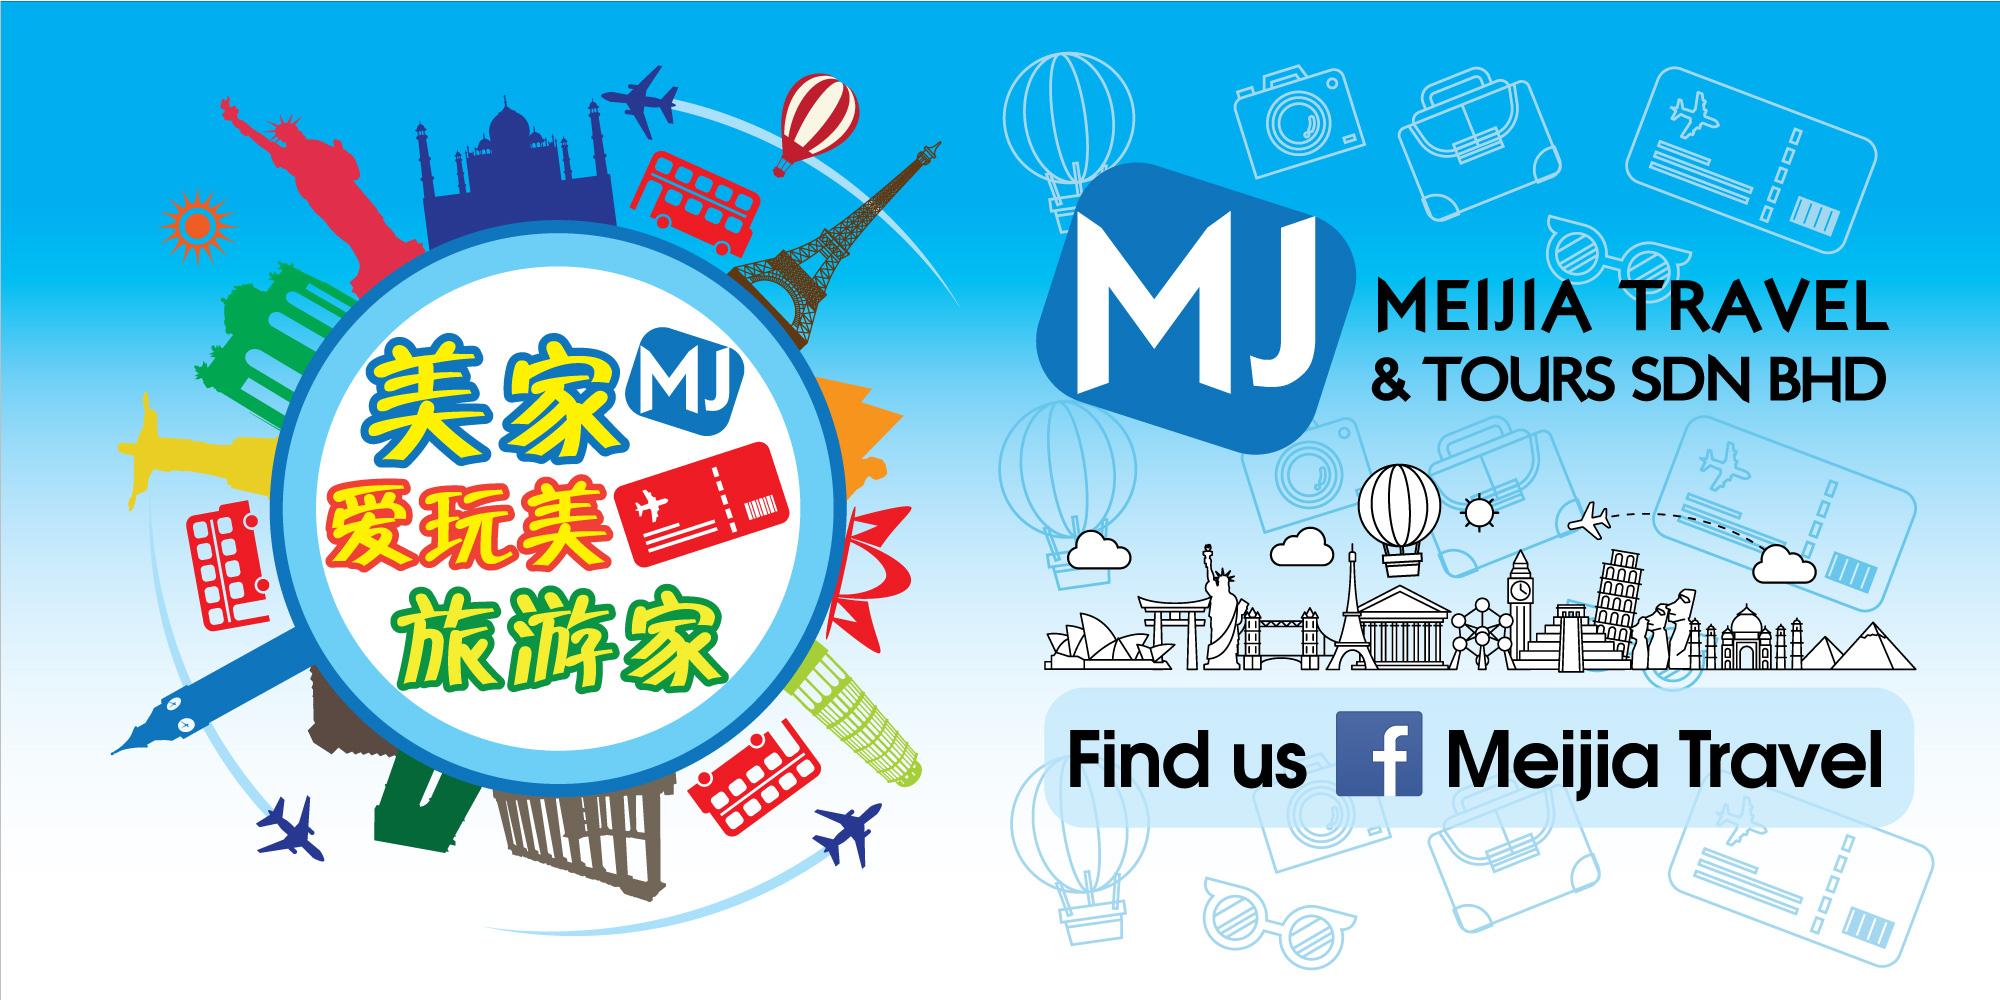 Meijia Travel & Tours Sdn. Bhd.